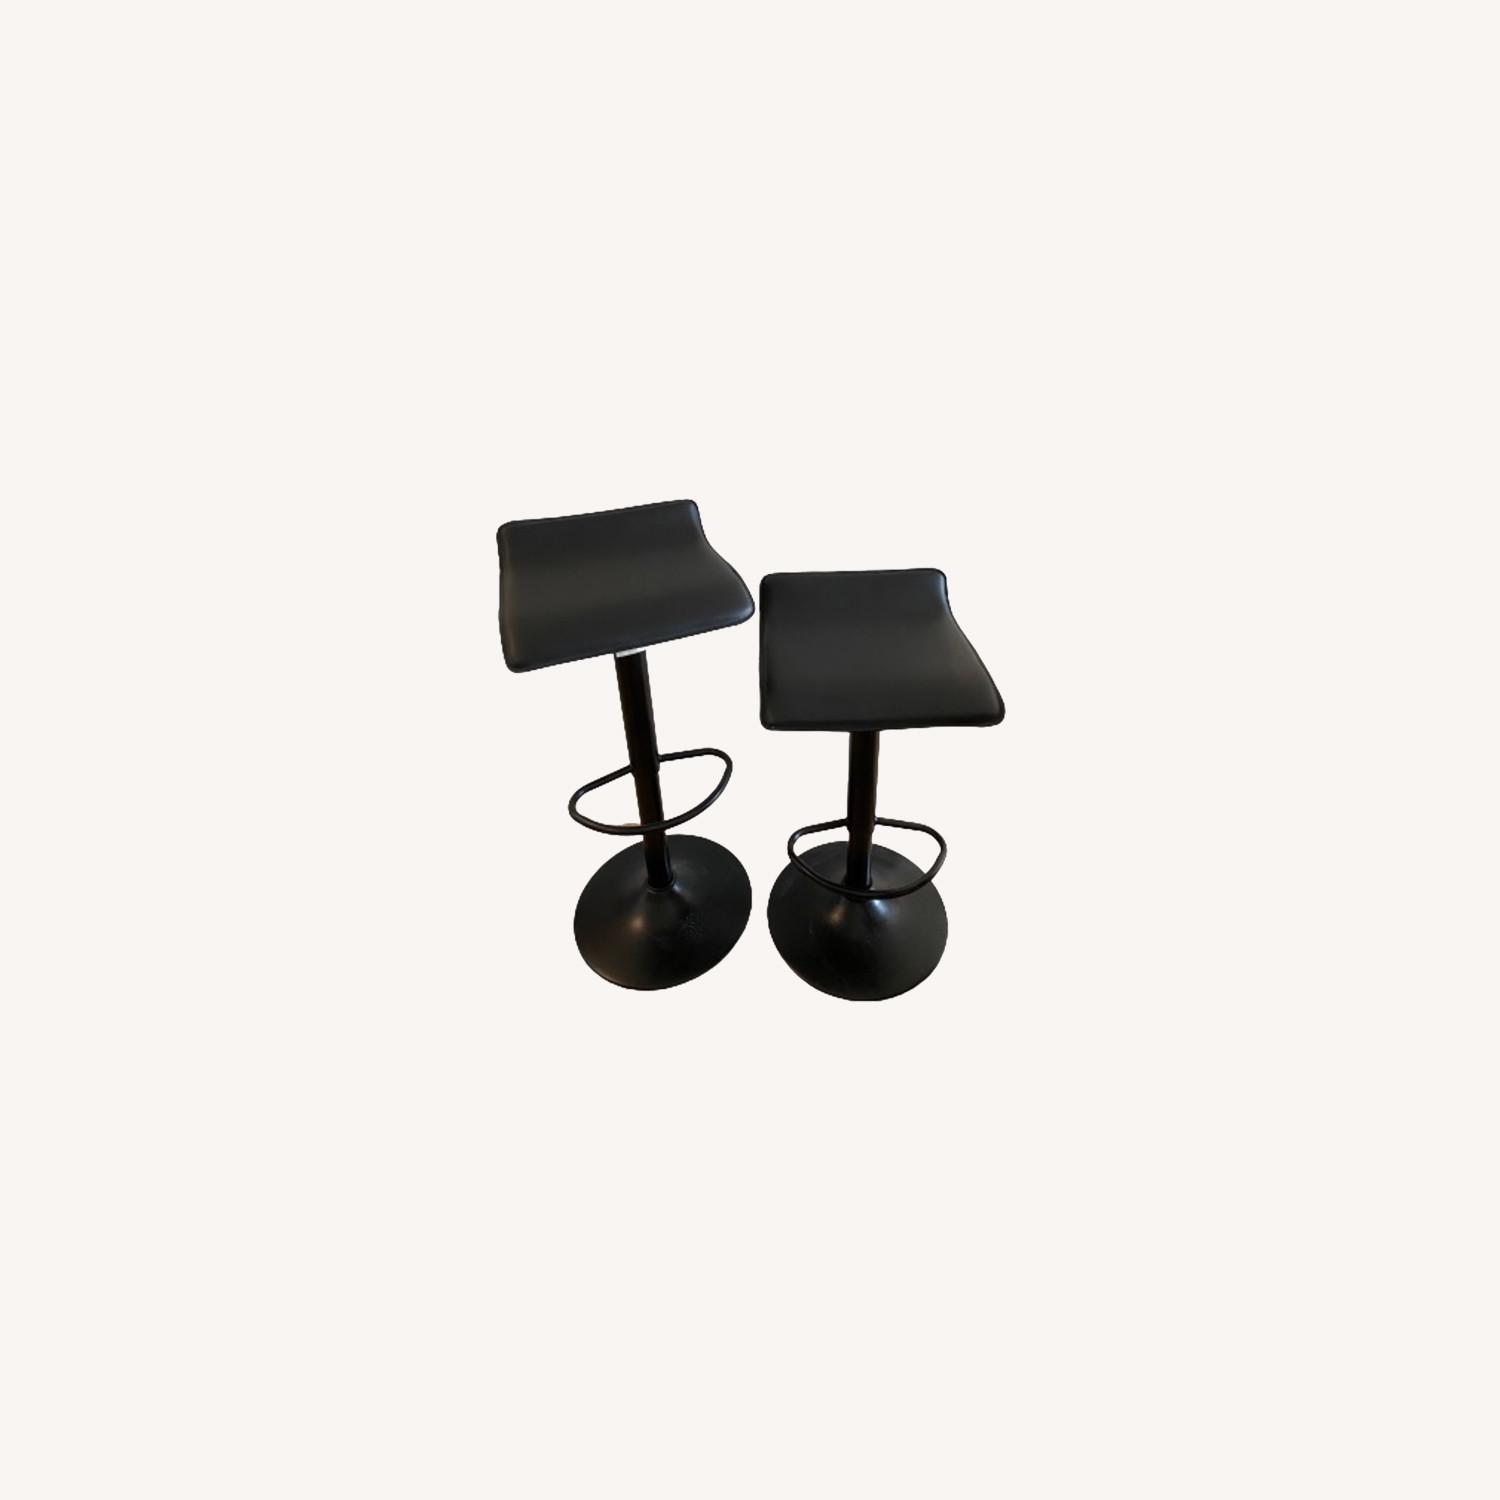 AllModern Set of 2 Black Adjustable Counter Stools - image-0